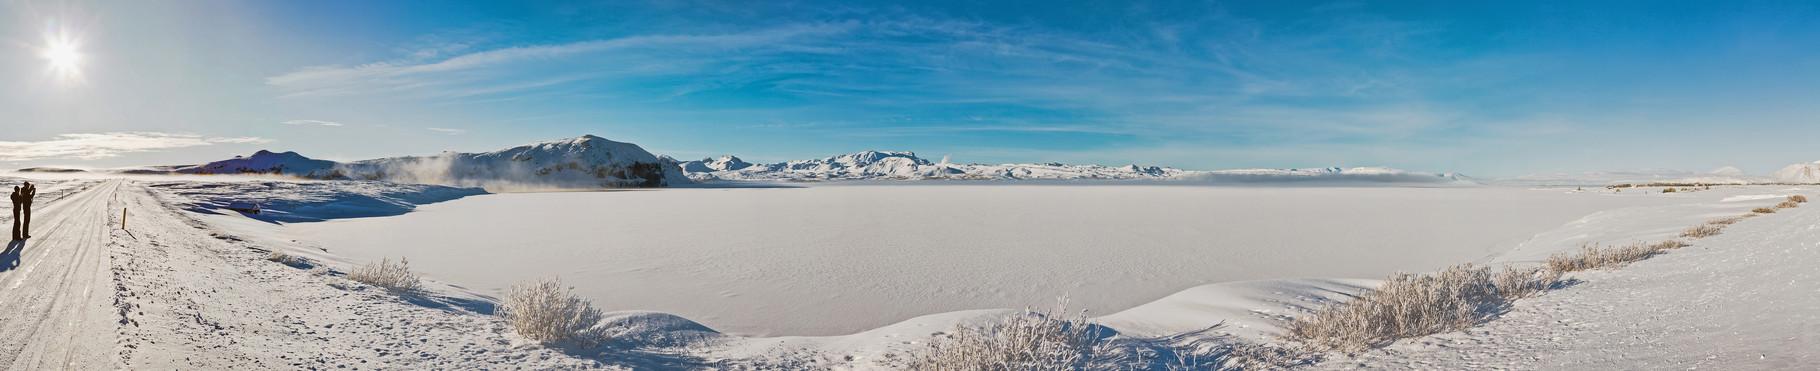 Der gefrorene See - Island